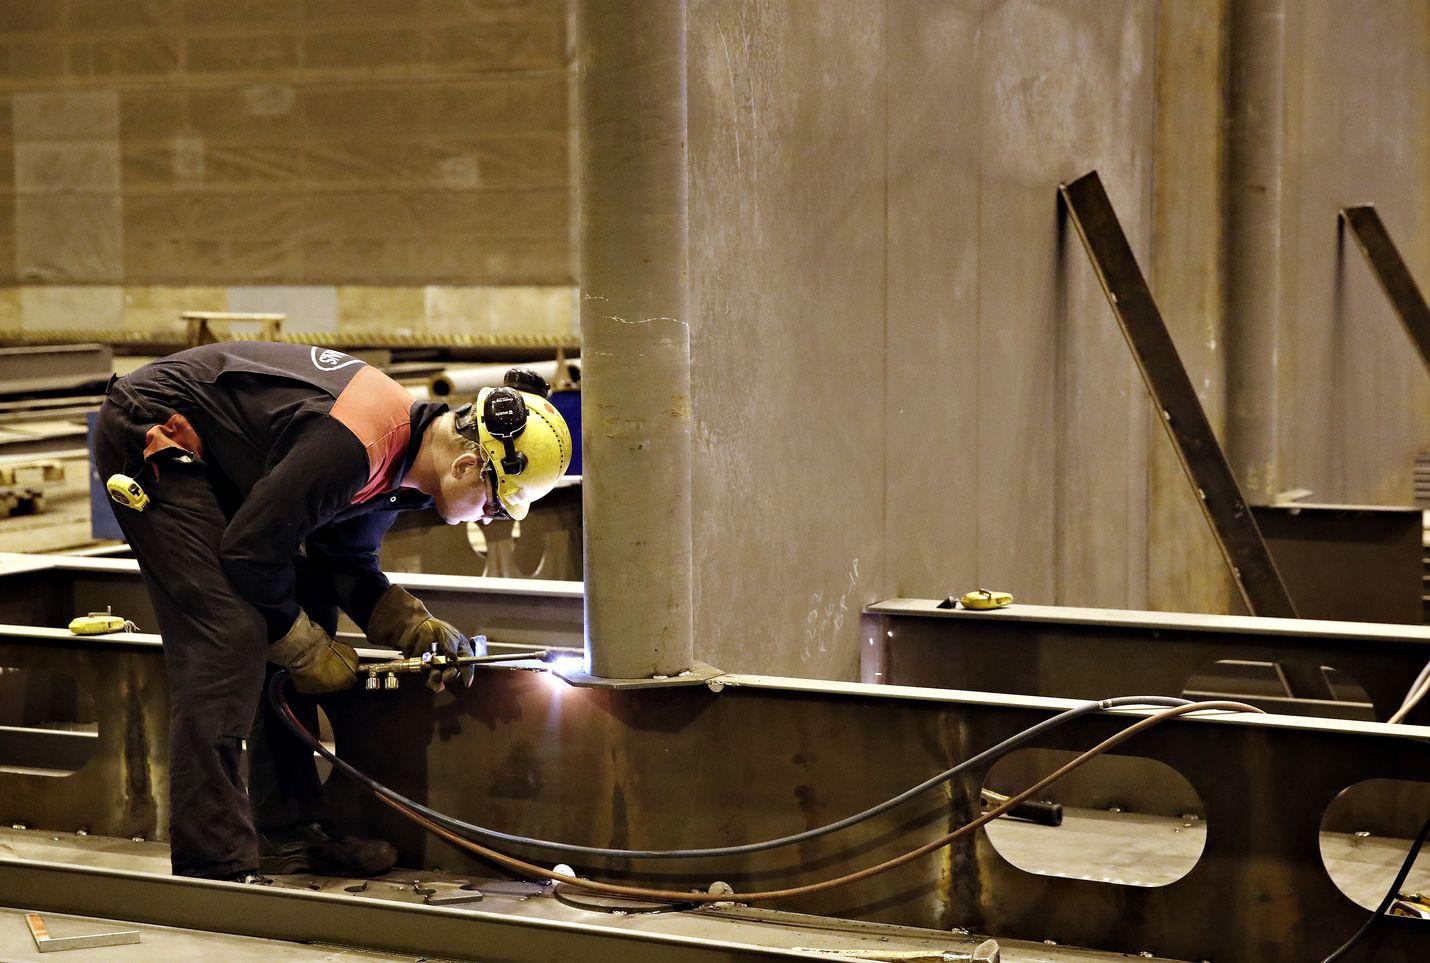 Laivateollisuus on yksi Rauman seudulle tällä hetkellä työpaikkoja ja talousvireyttä tuova ala.